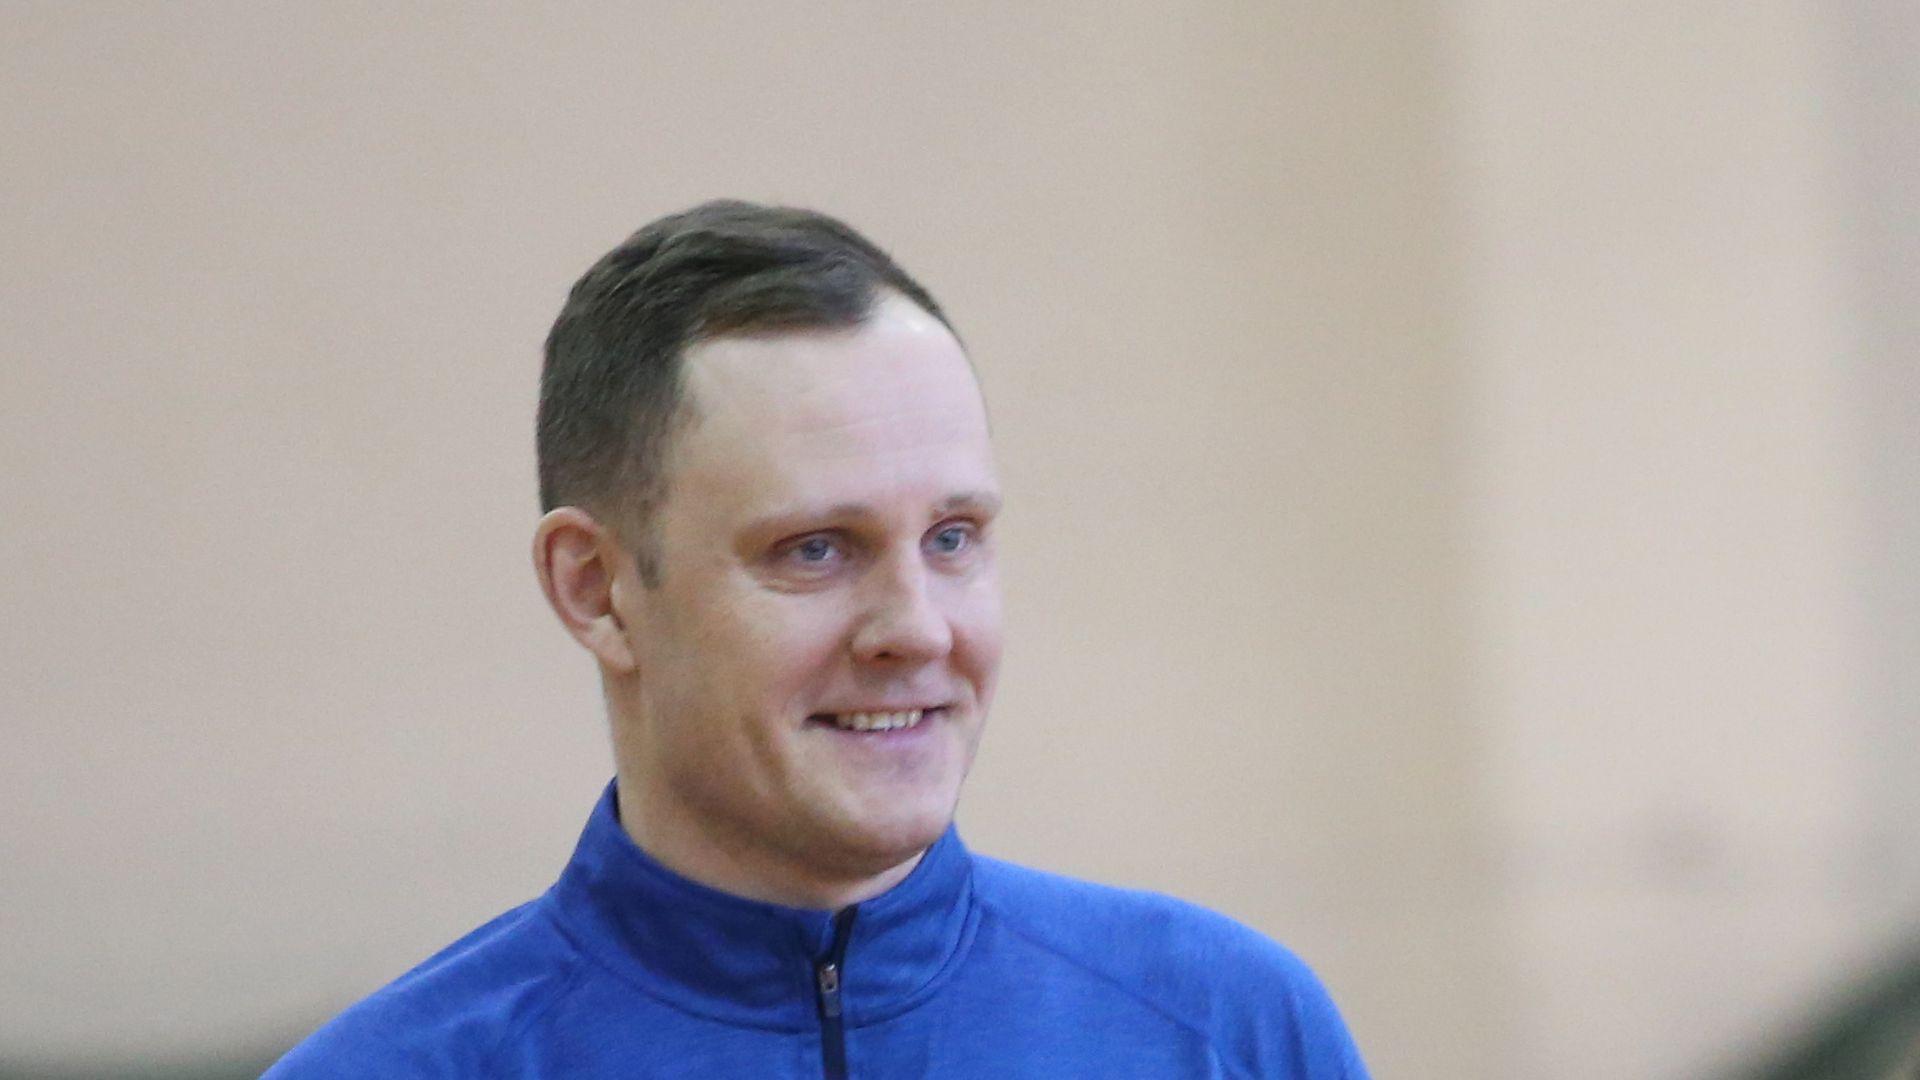 Elva kohvikutepäeva ja Südaööjooksu korraldaja Marek Pihlak jääb kriisis positiivseks: